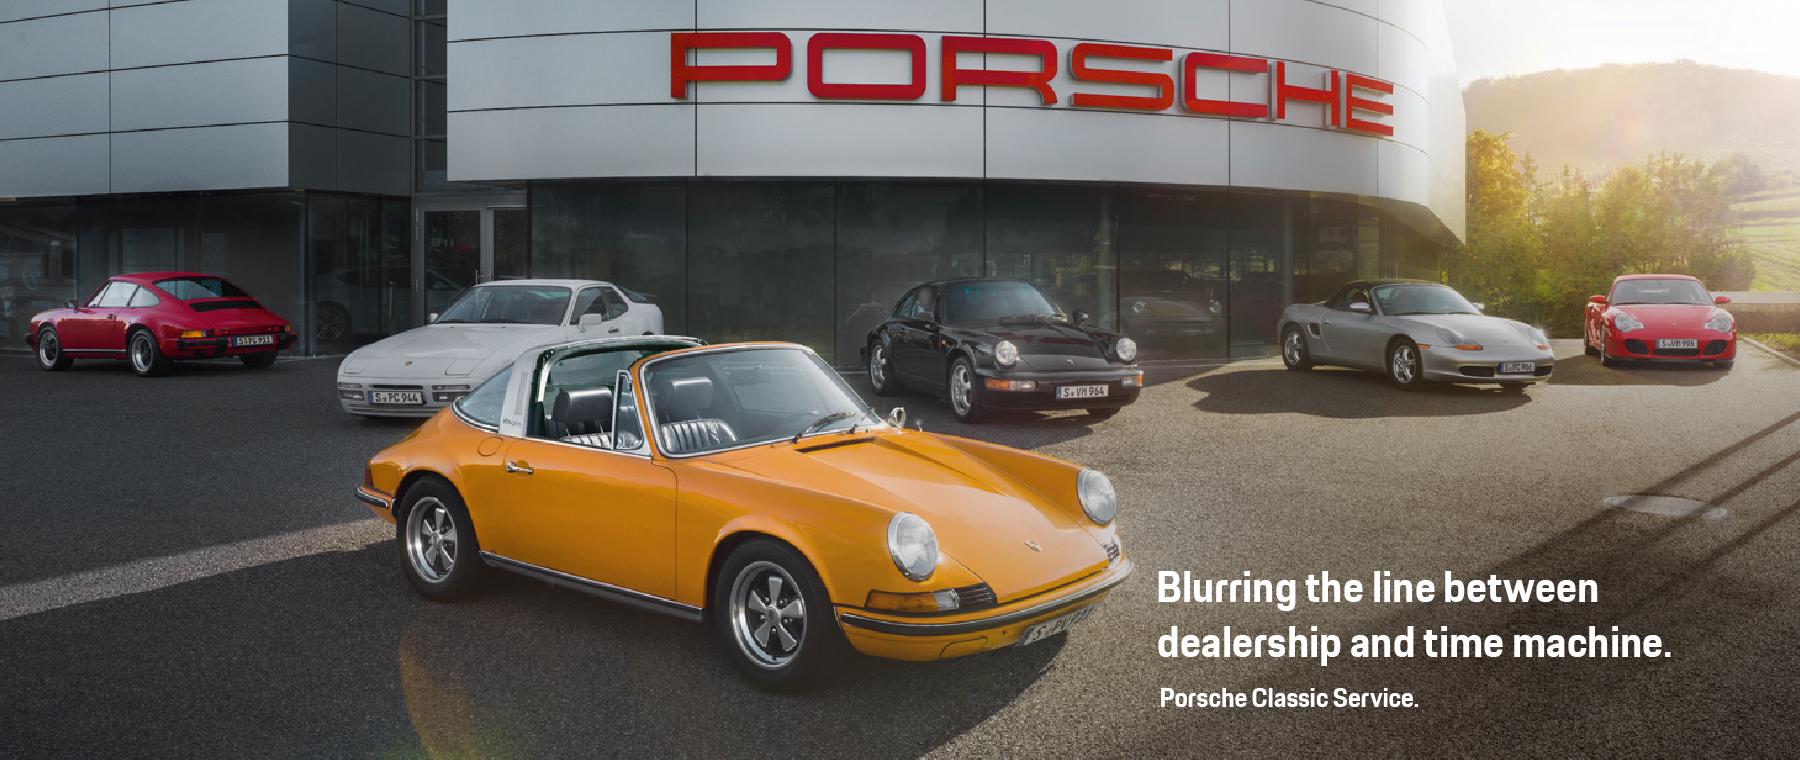 Porsche Classic Service – DI